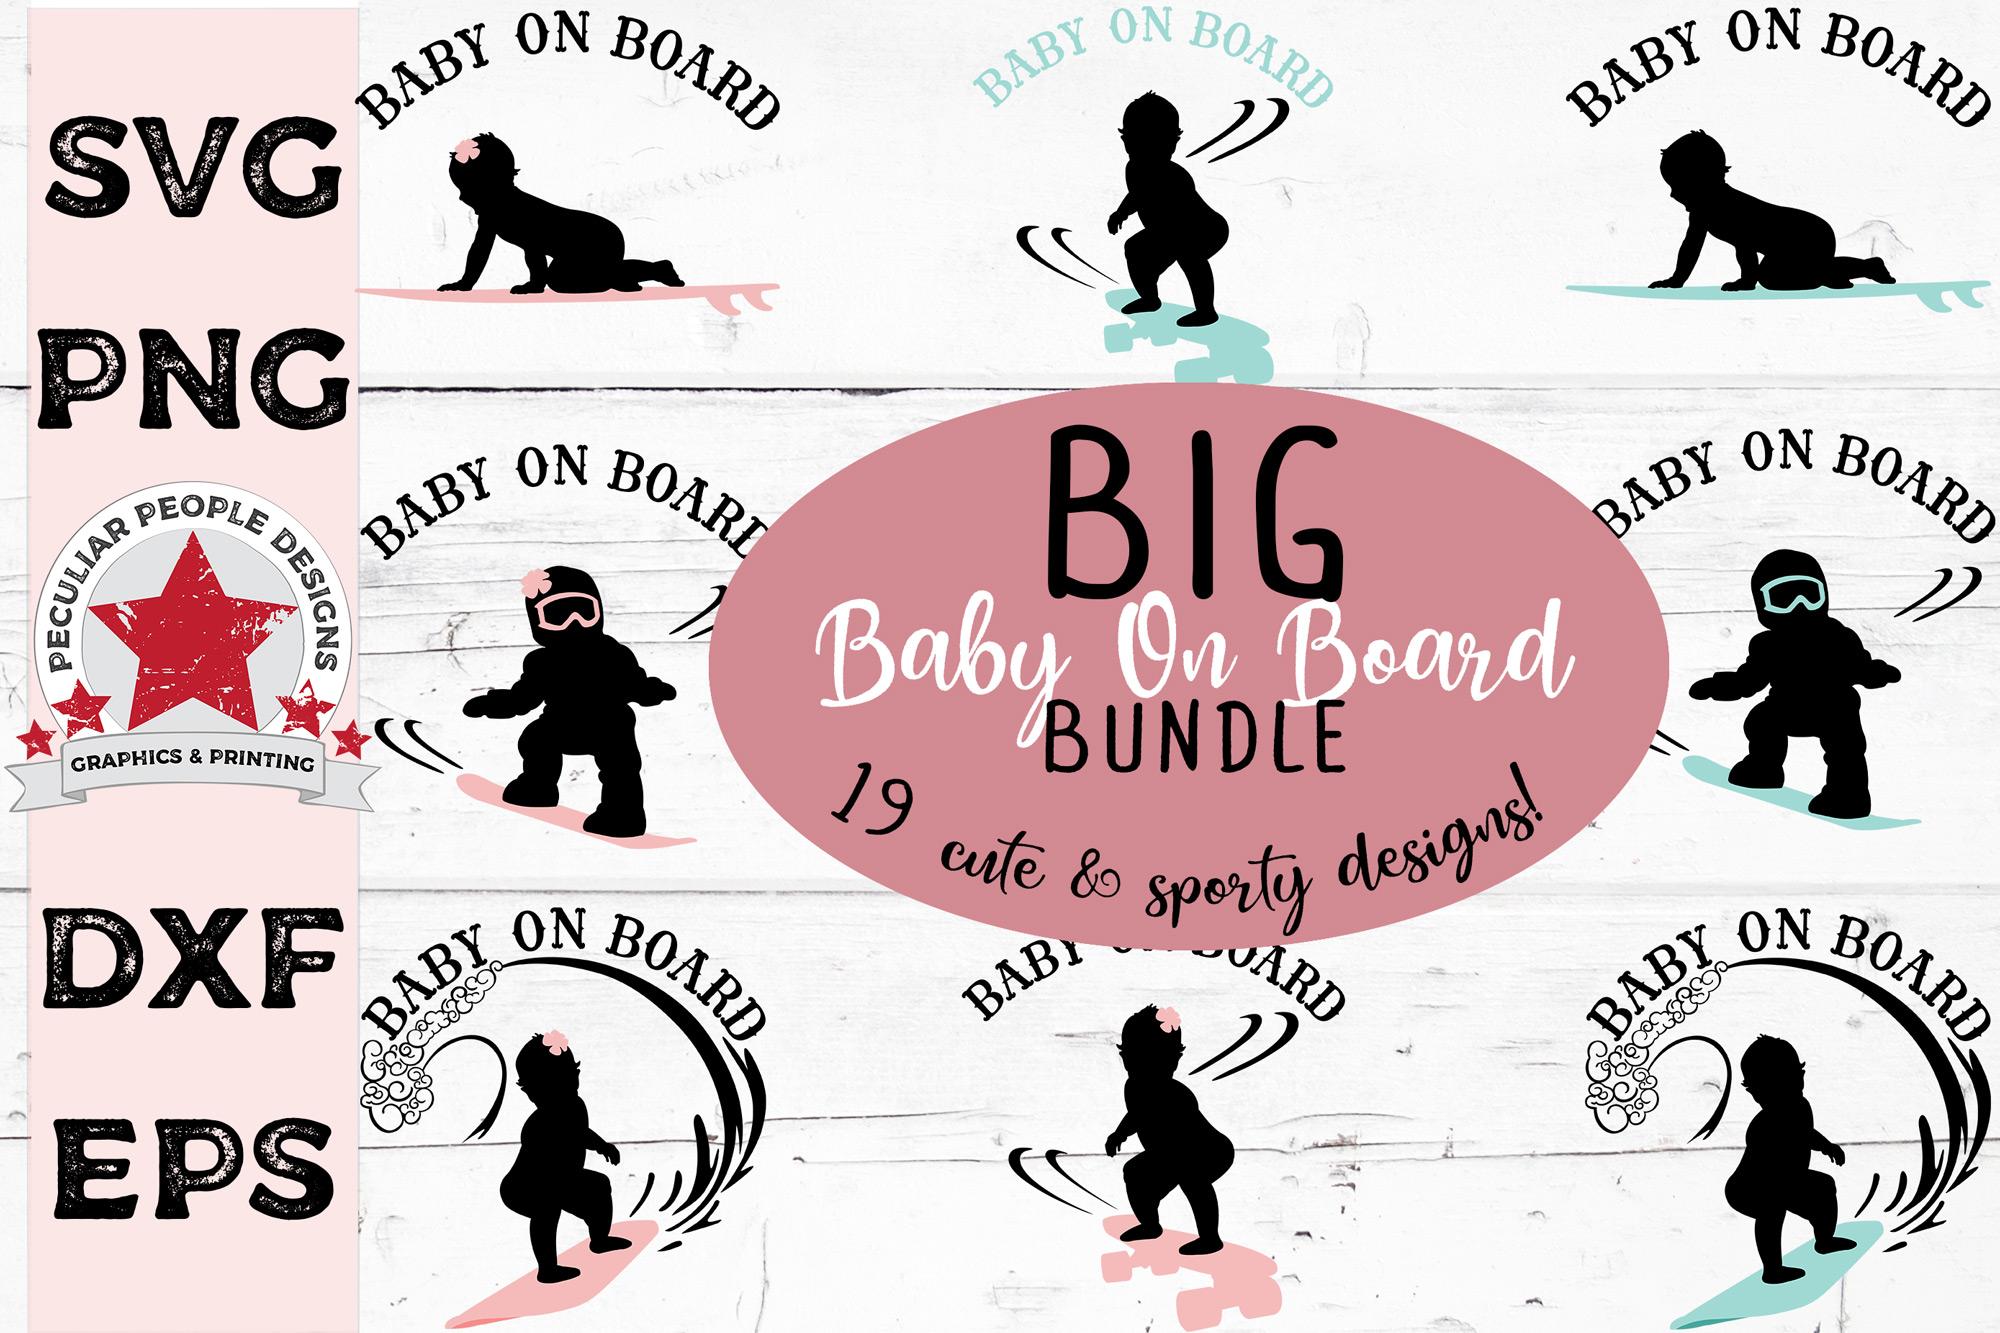 Big SVG Bundle Baby On Board Surfer Skateboarder Snowboarder example image 1